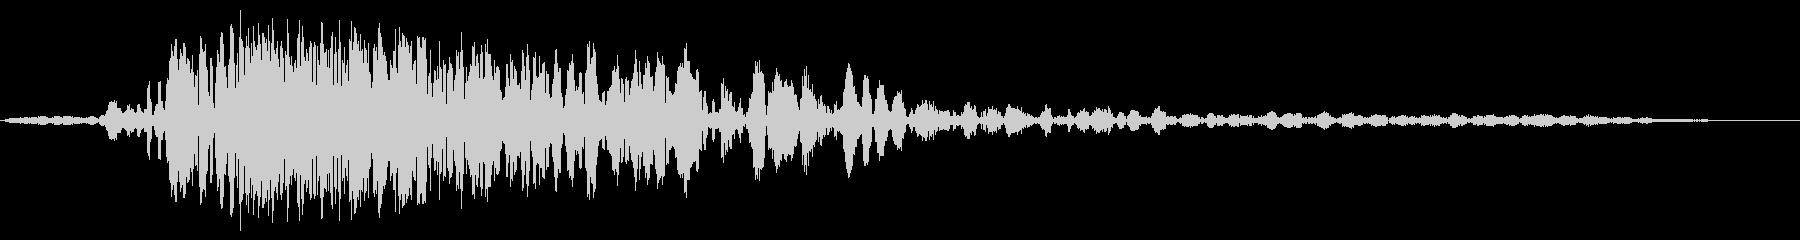 シュウウウドンッウウウウの未再生の波形